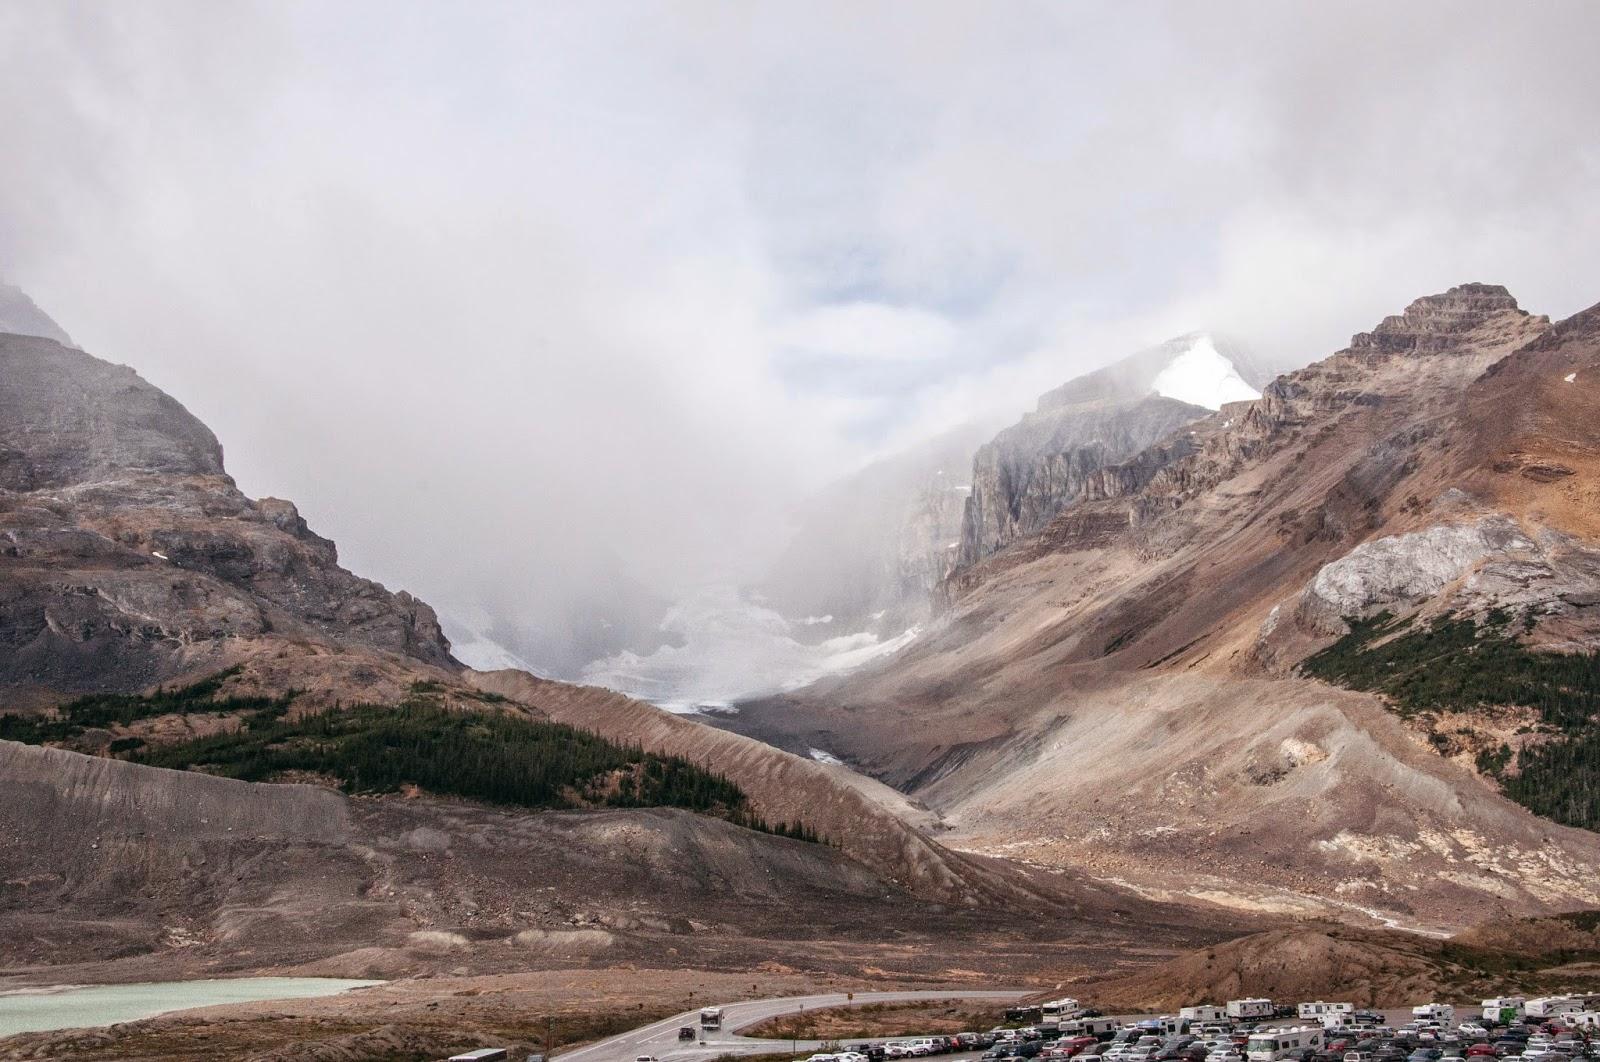 Glacier adventure in Jasper, Alberta, Canada.